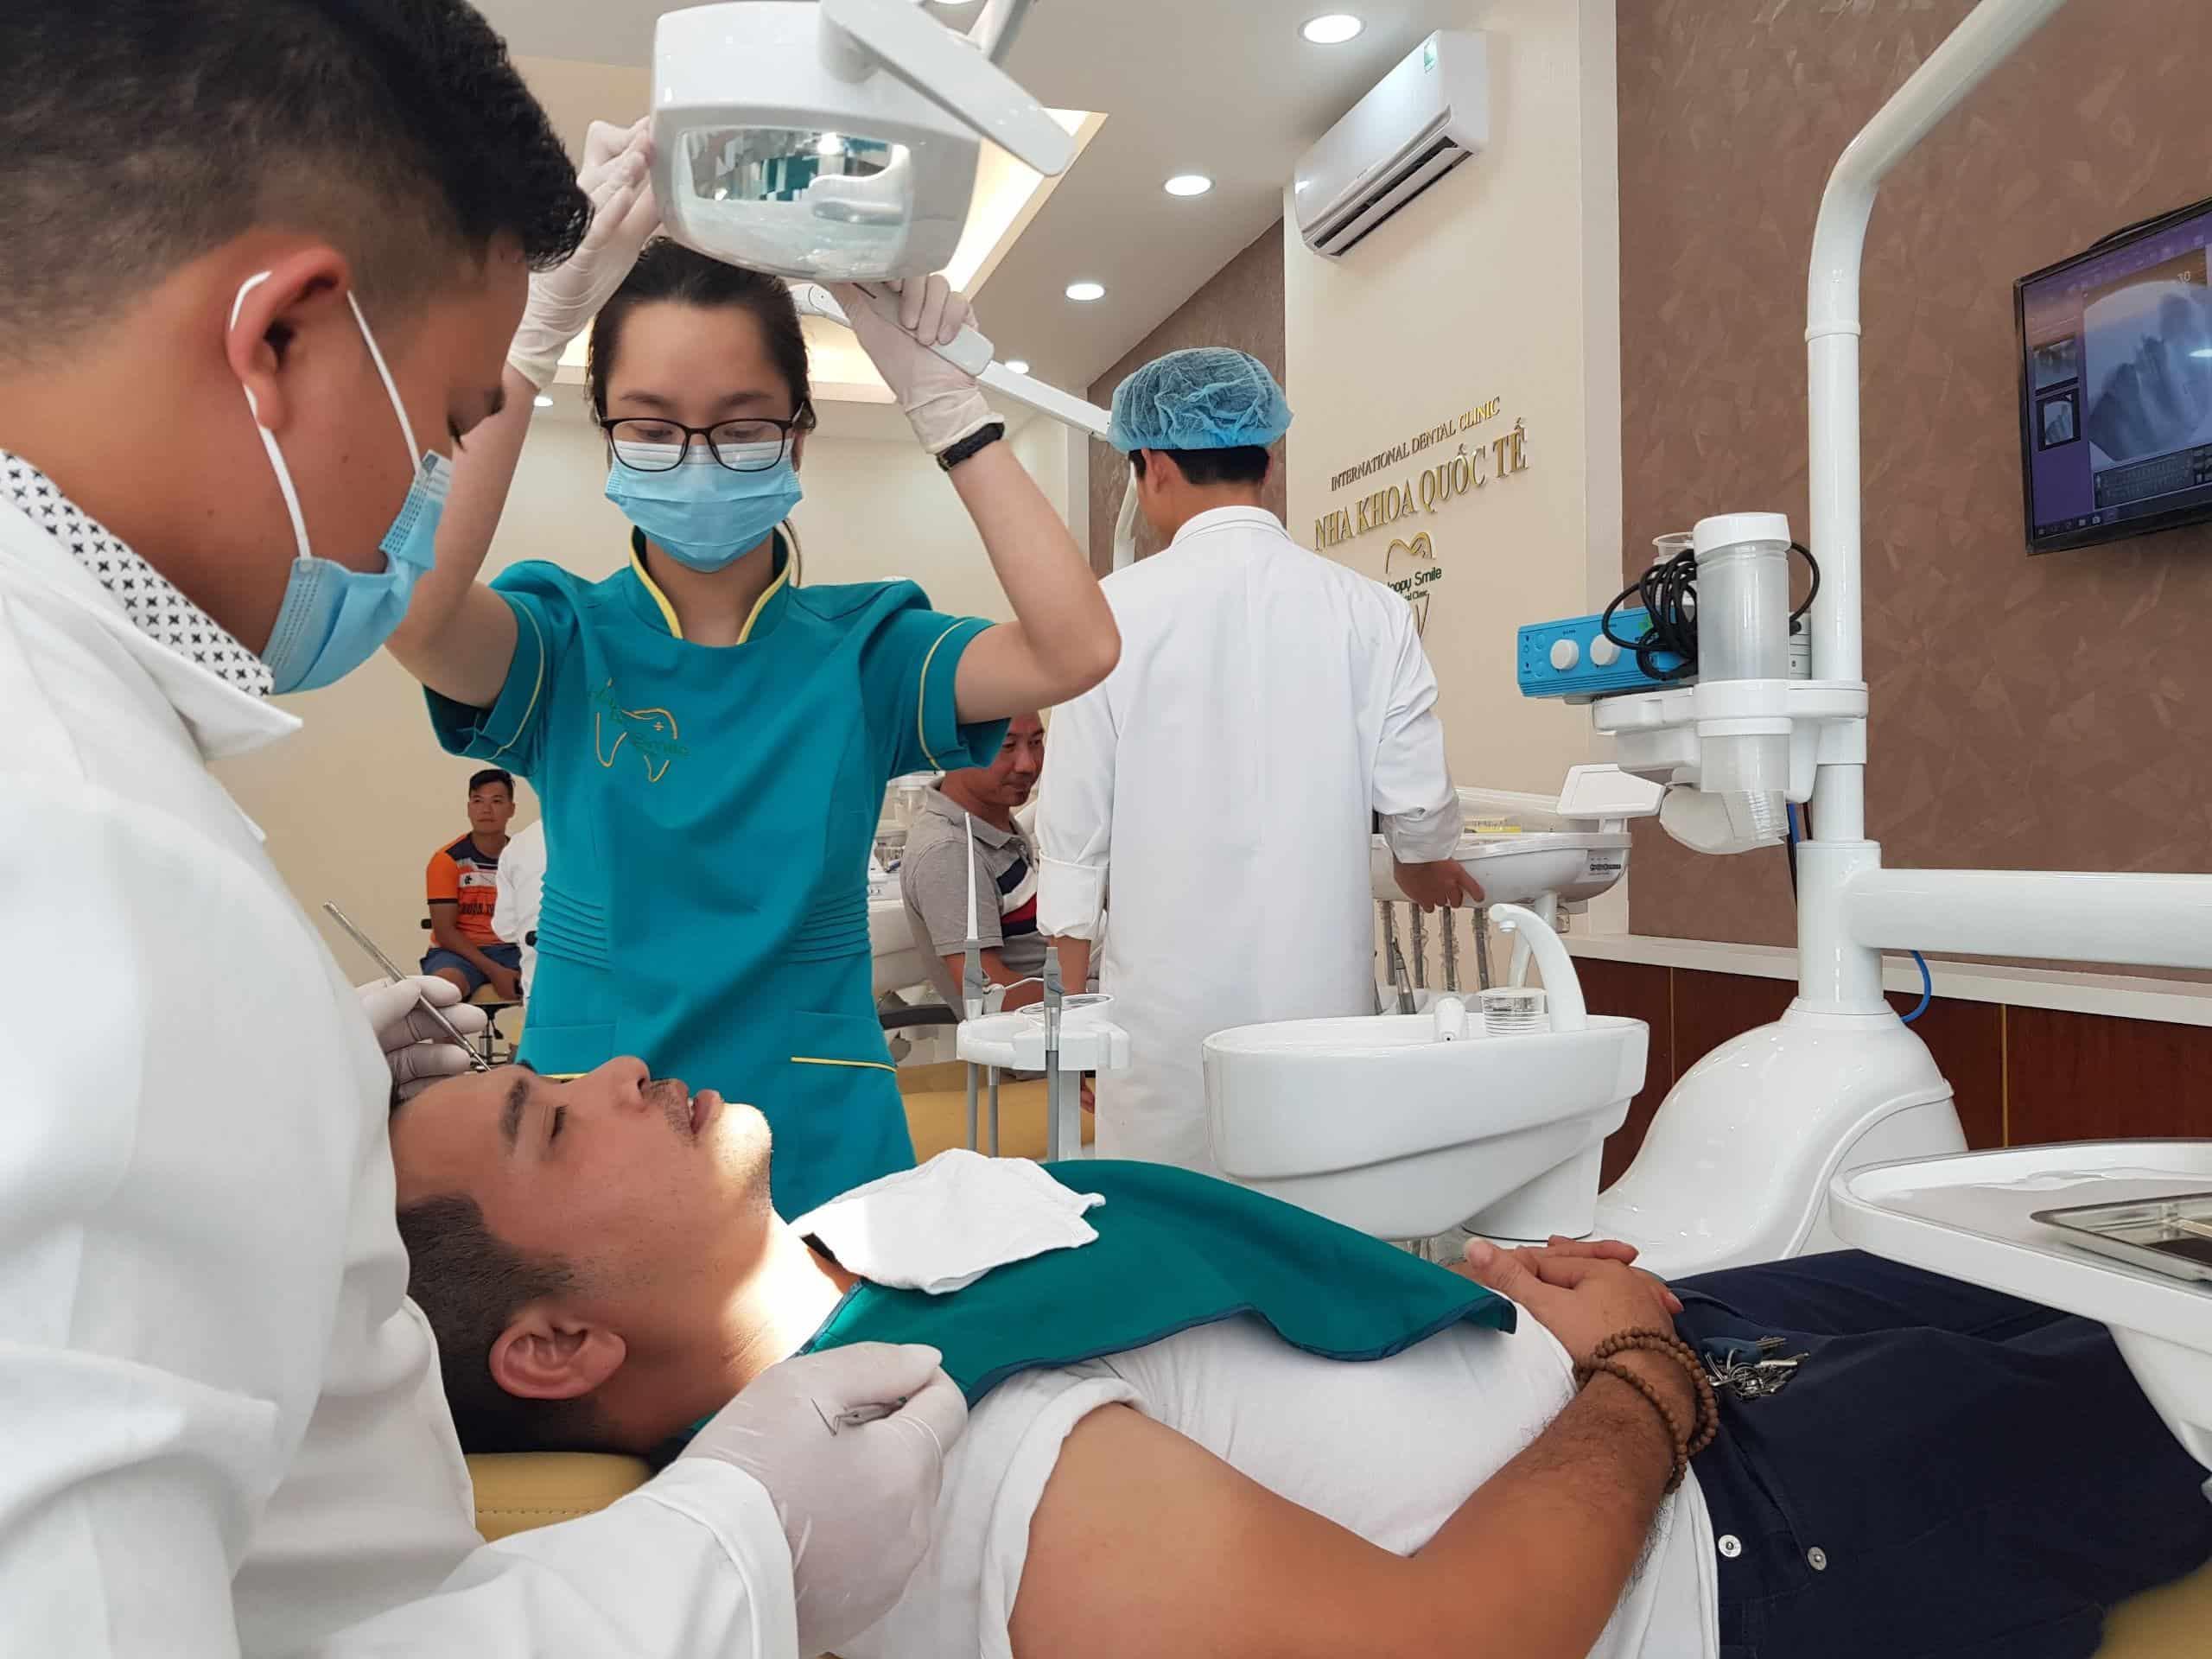 Phòng khám răng Quốc tế tại Hải Dương – uy tín chất lượng giá cả hợp lý